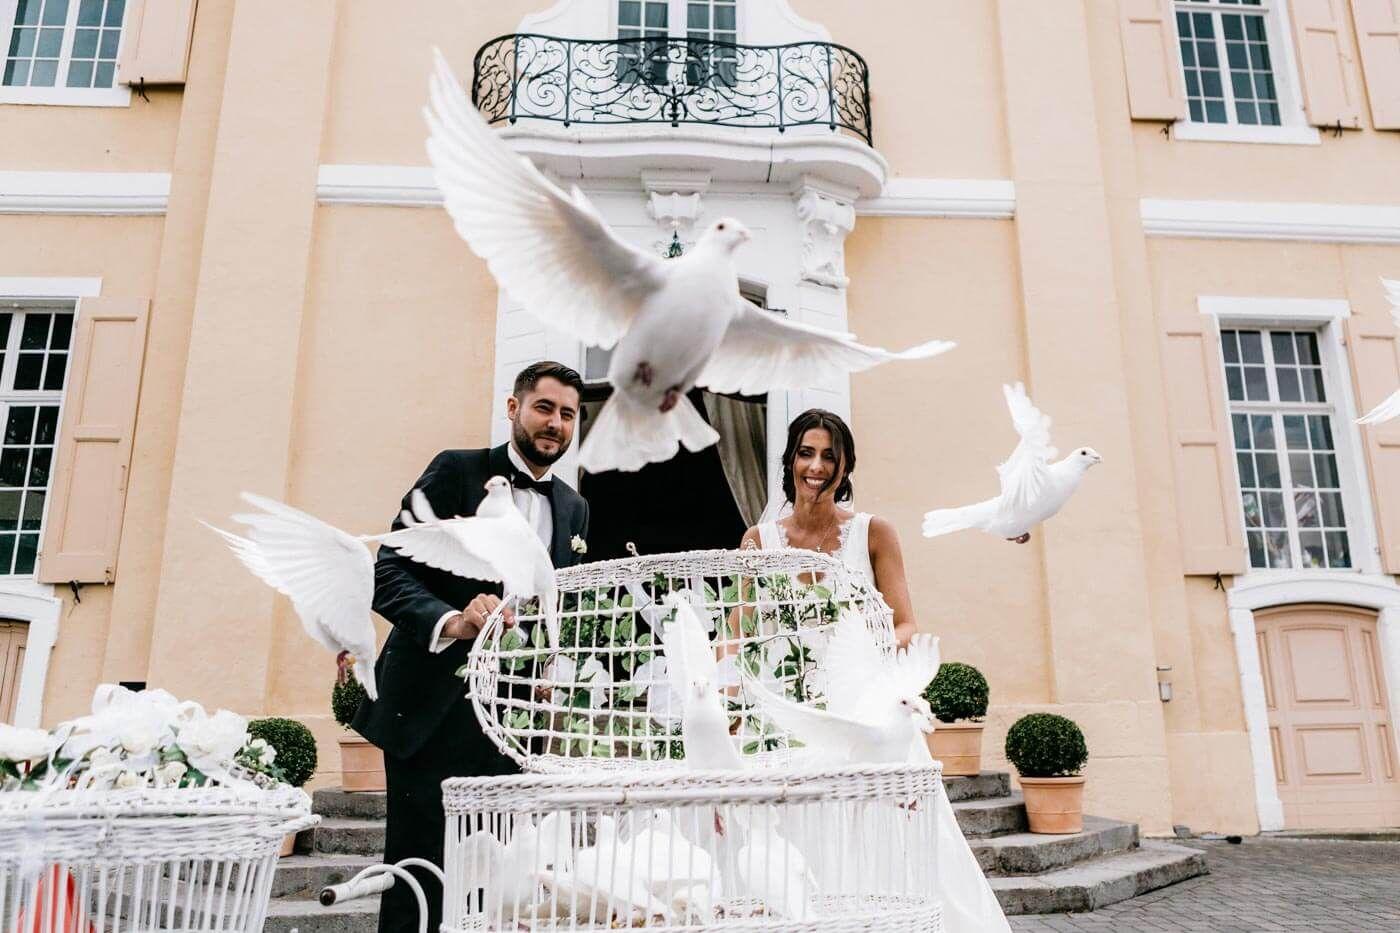 Schloss Miel Hochzeit Ganz In Weiss I Bezaubernde Inspirationen In 2020 Hochzeit Brauche Hochzeitsbrauche Hochzeit